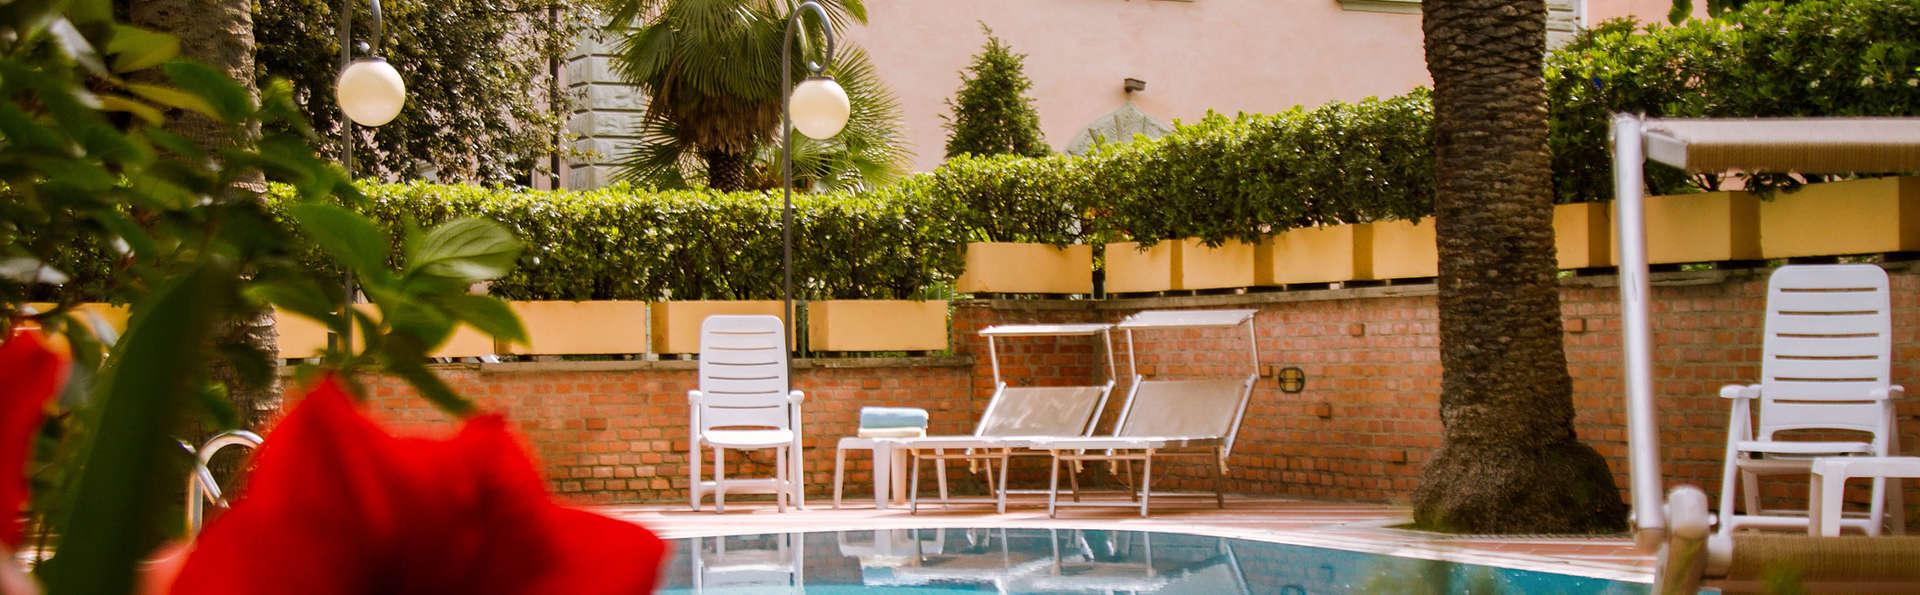 Hotel Reale - edit_pool3.jpg